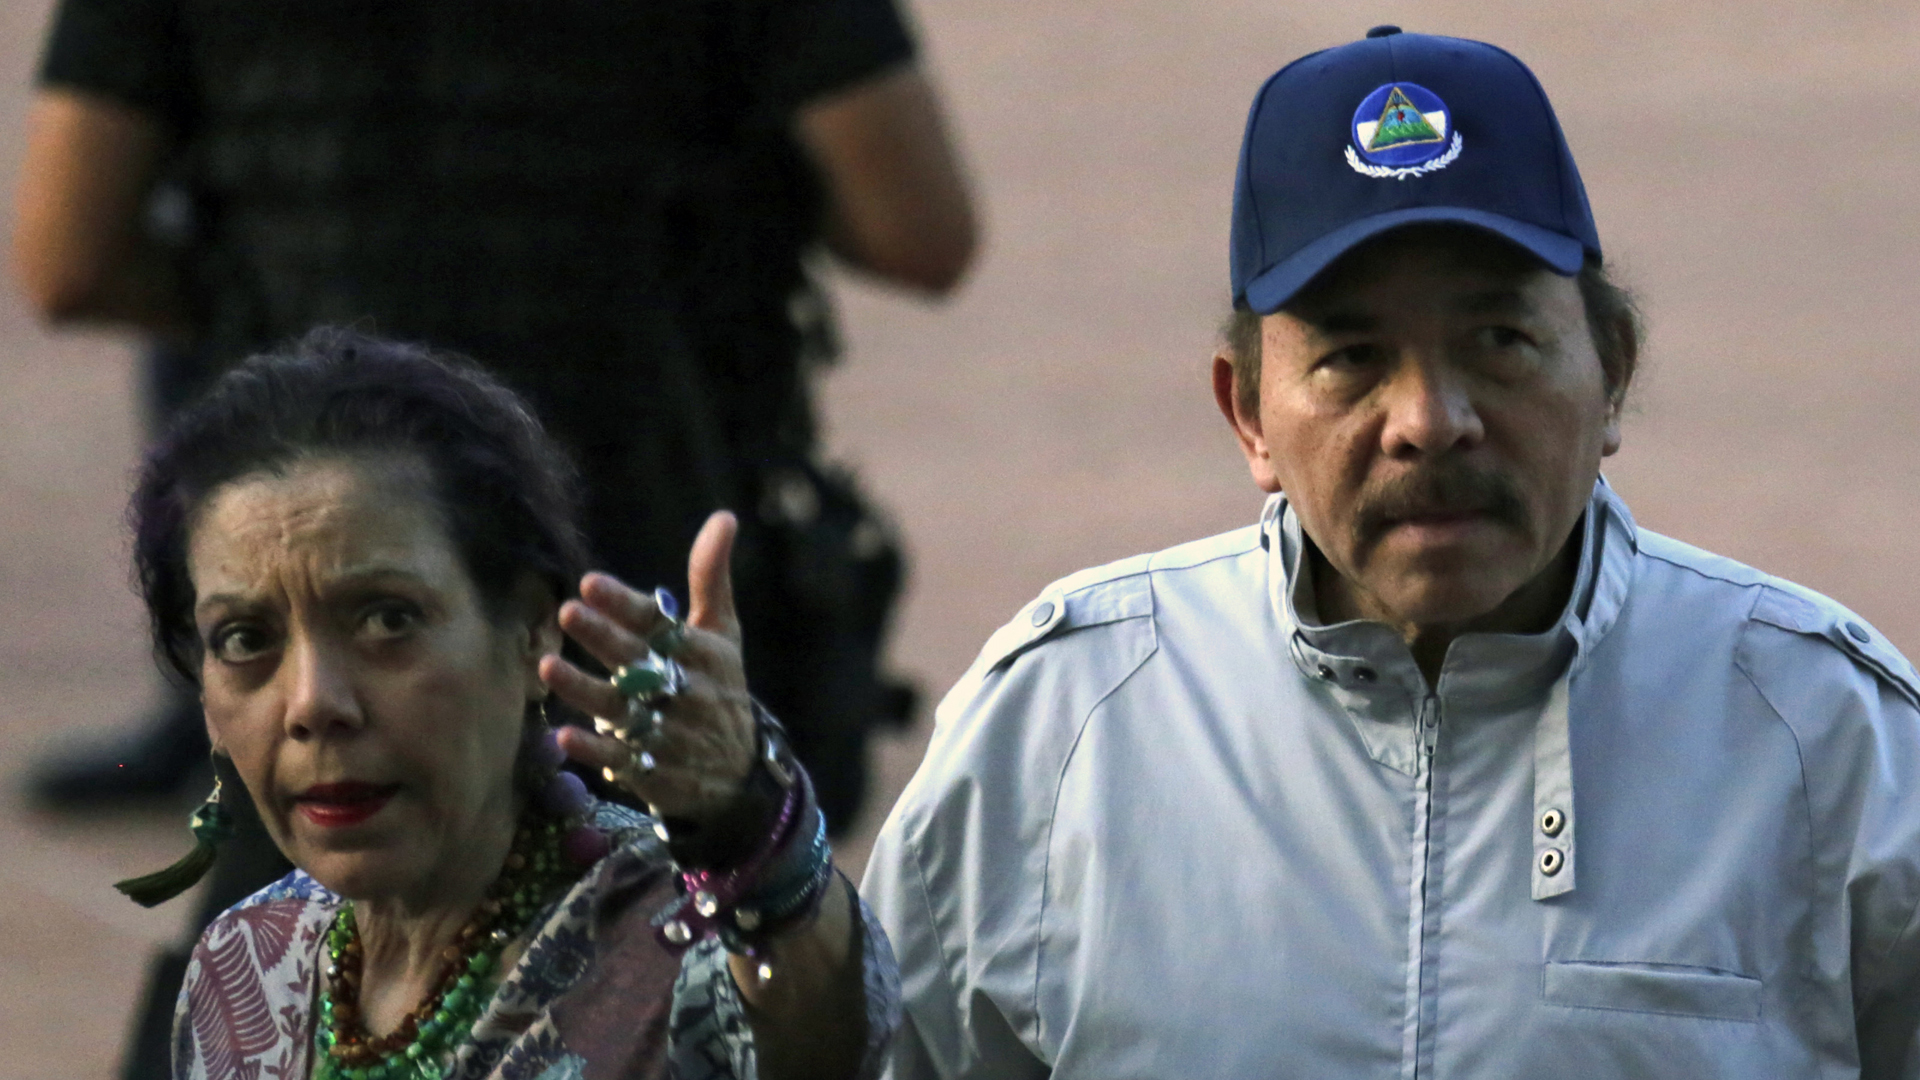 Daniel Ortega asfixia a las alcaldías opositoras. Foto: AFP / INTI OCON